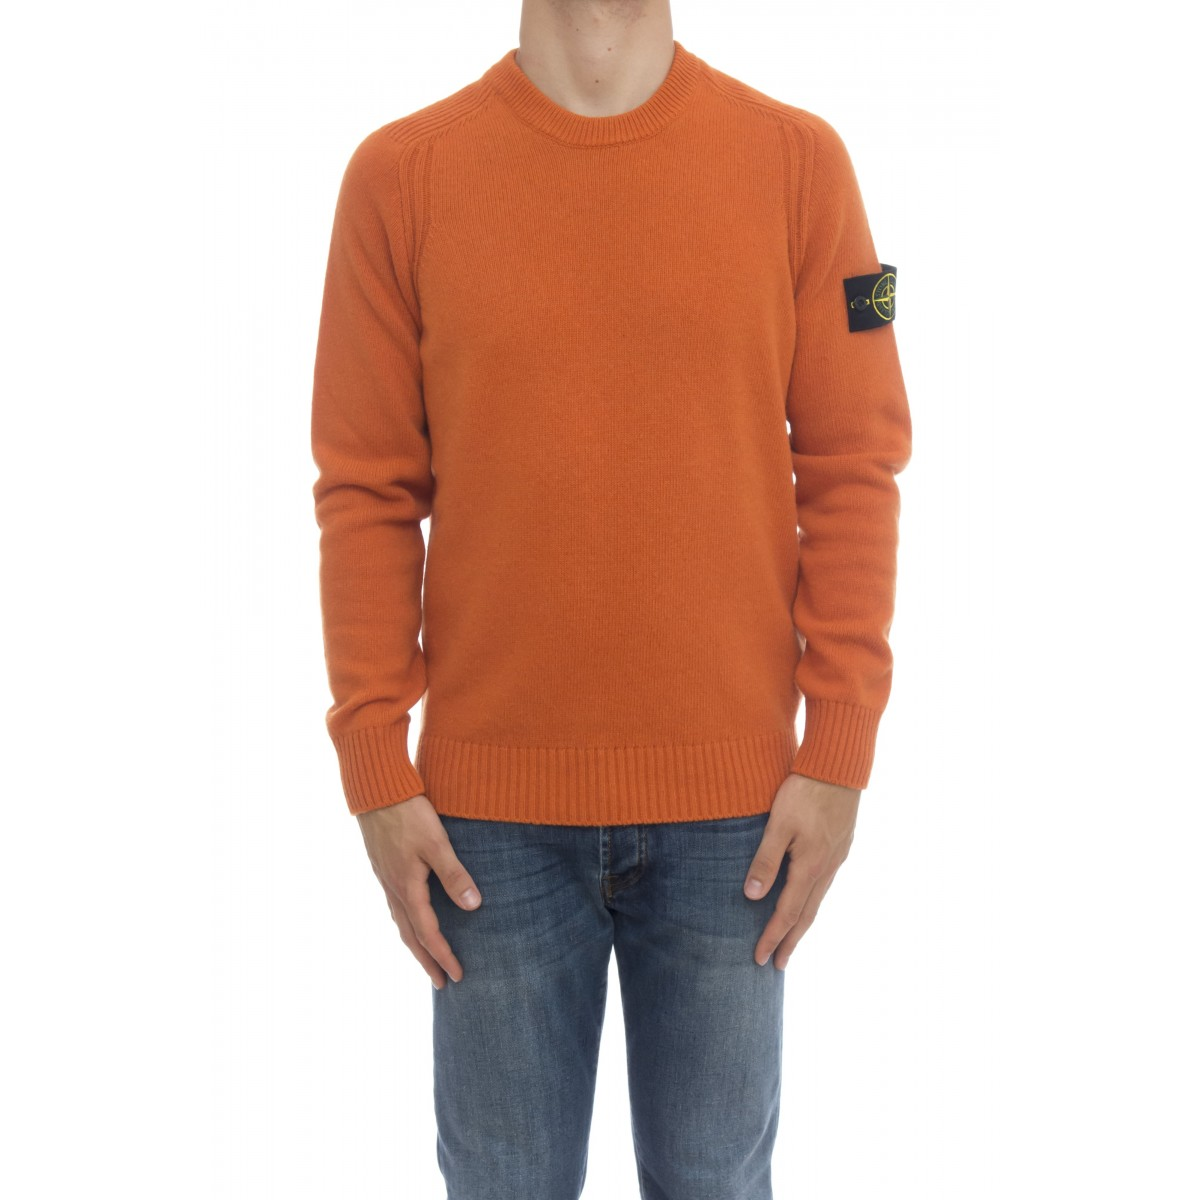 Maglia uomo - 551a3 maglia giro lambswool